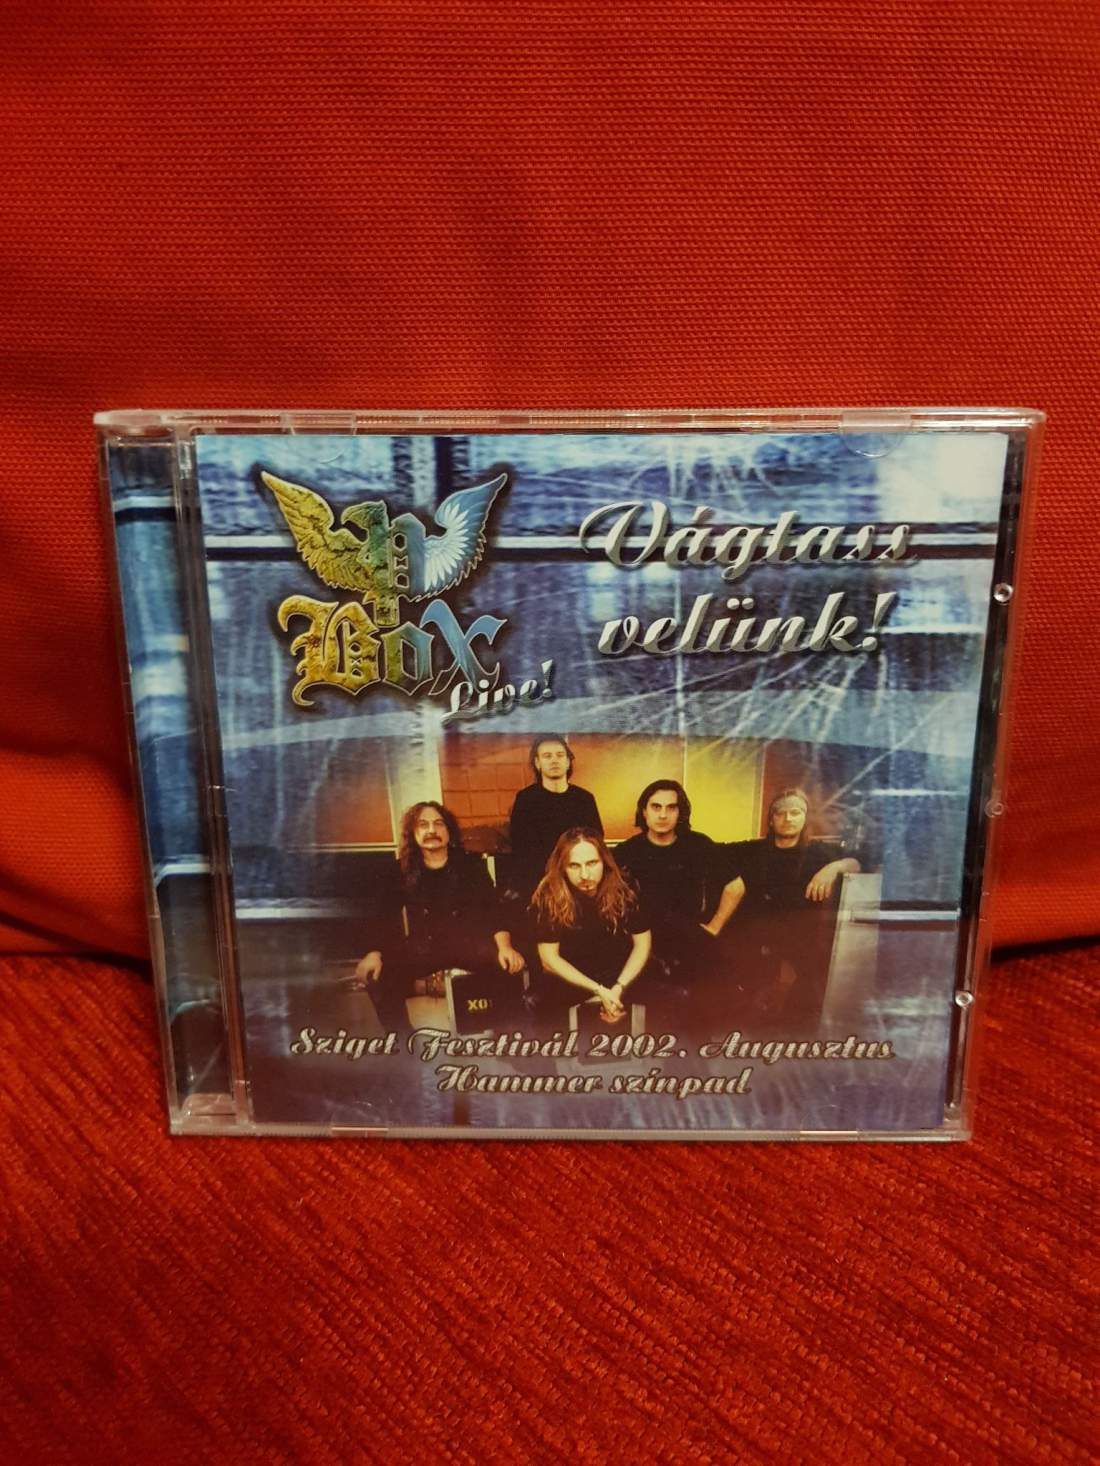 P. BOX - VÁGTASS VELÜNK! LIVE CD